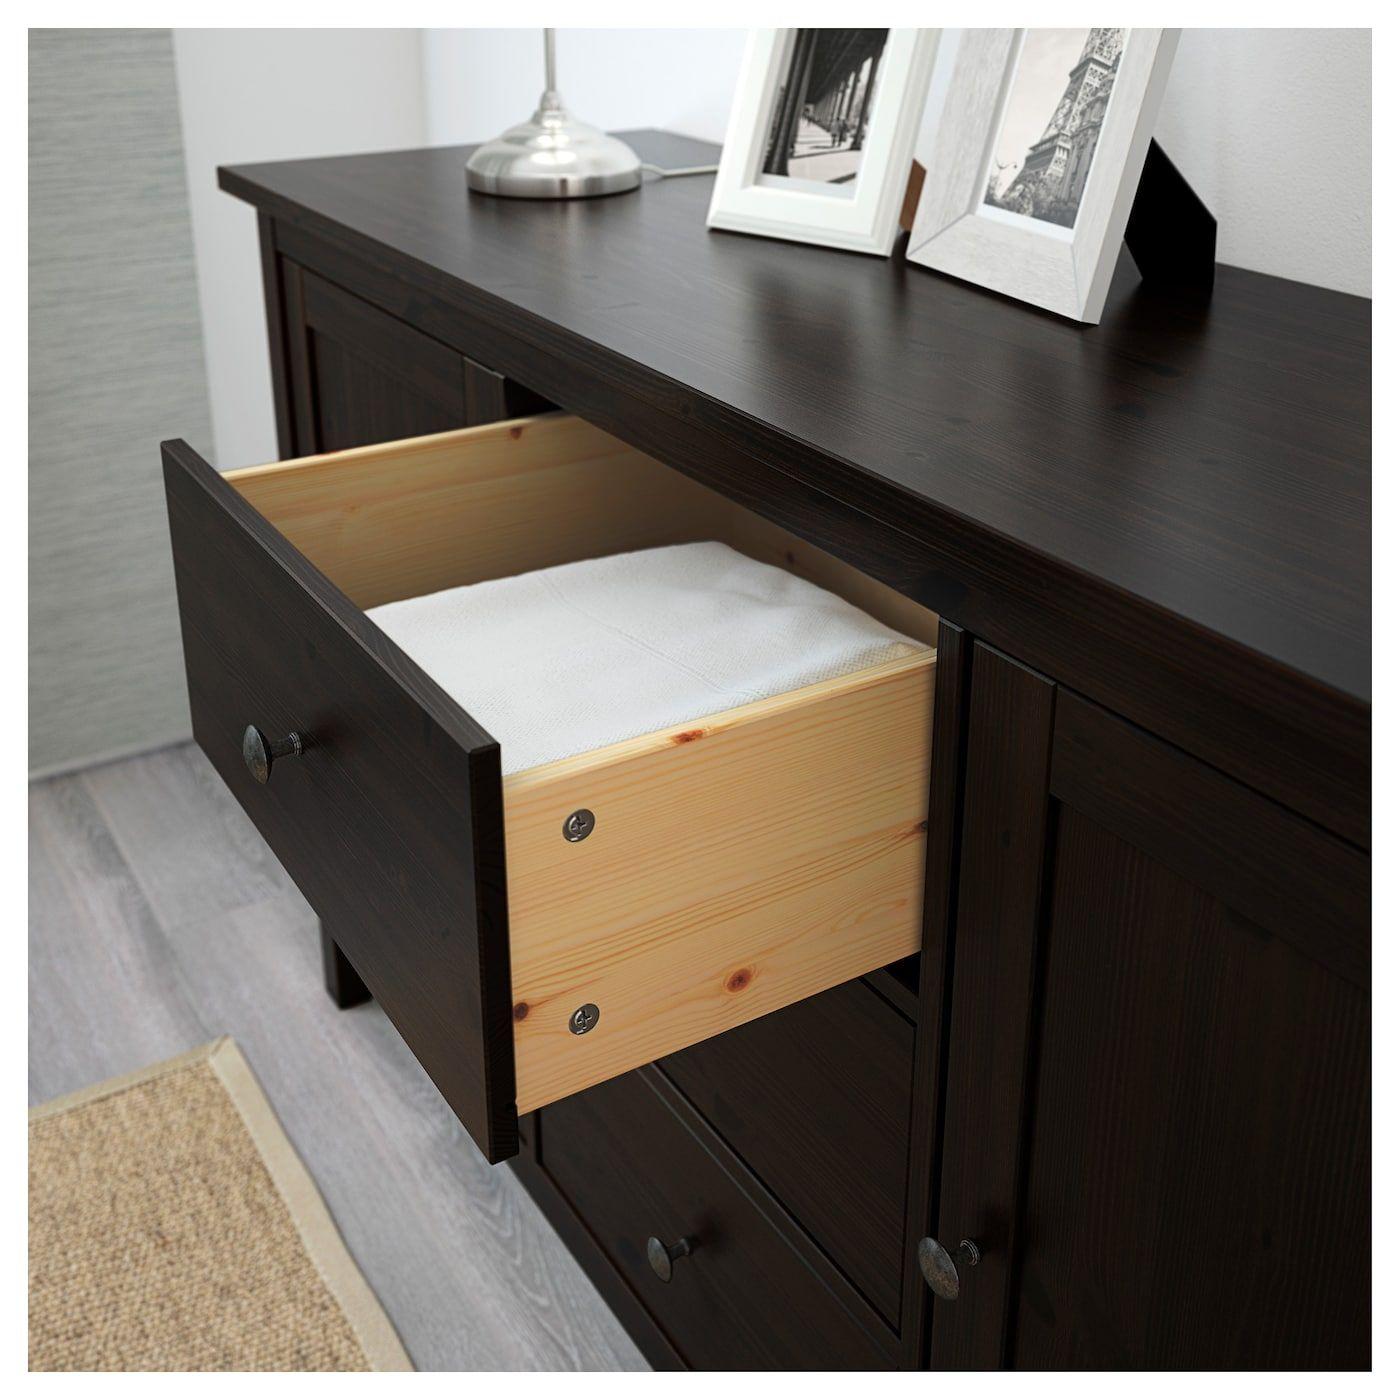 IKEA HEMNES Sideboard blackbrown Black sideboard